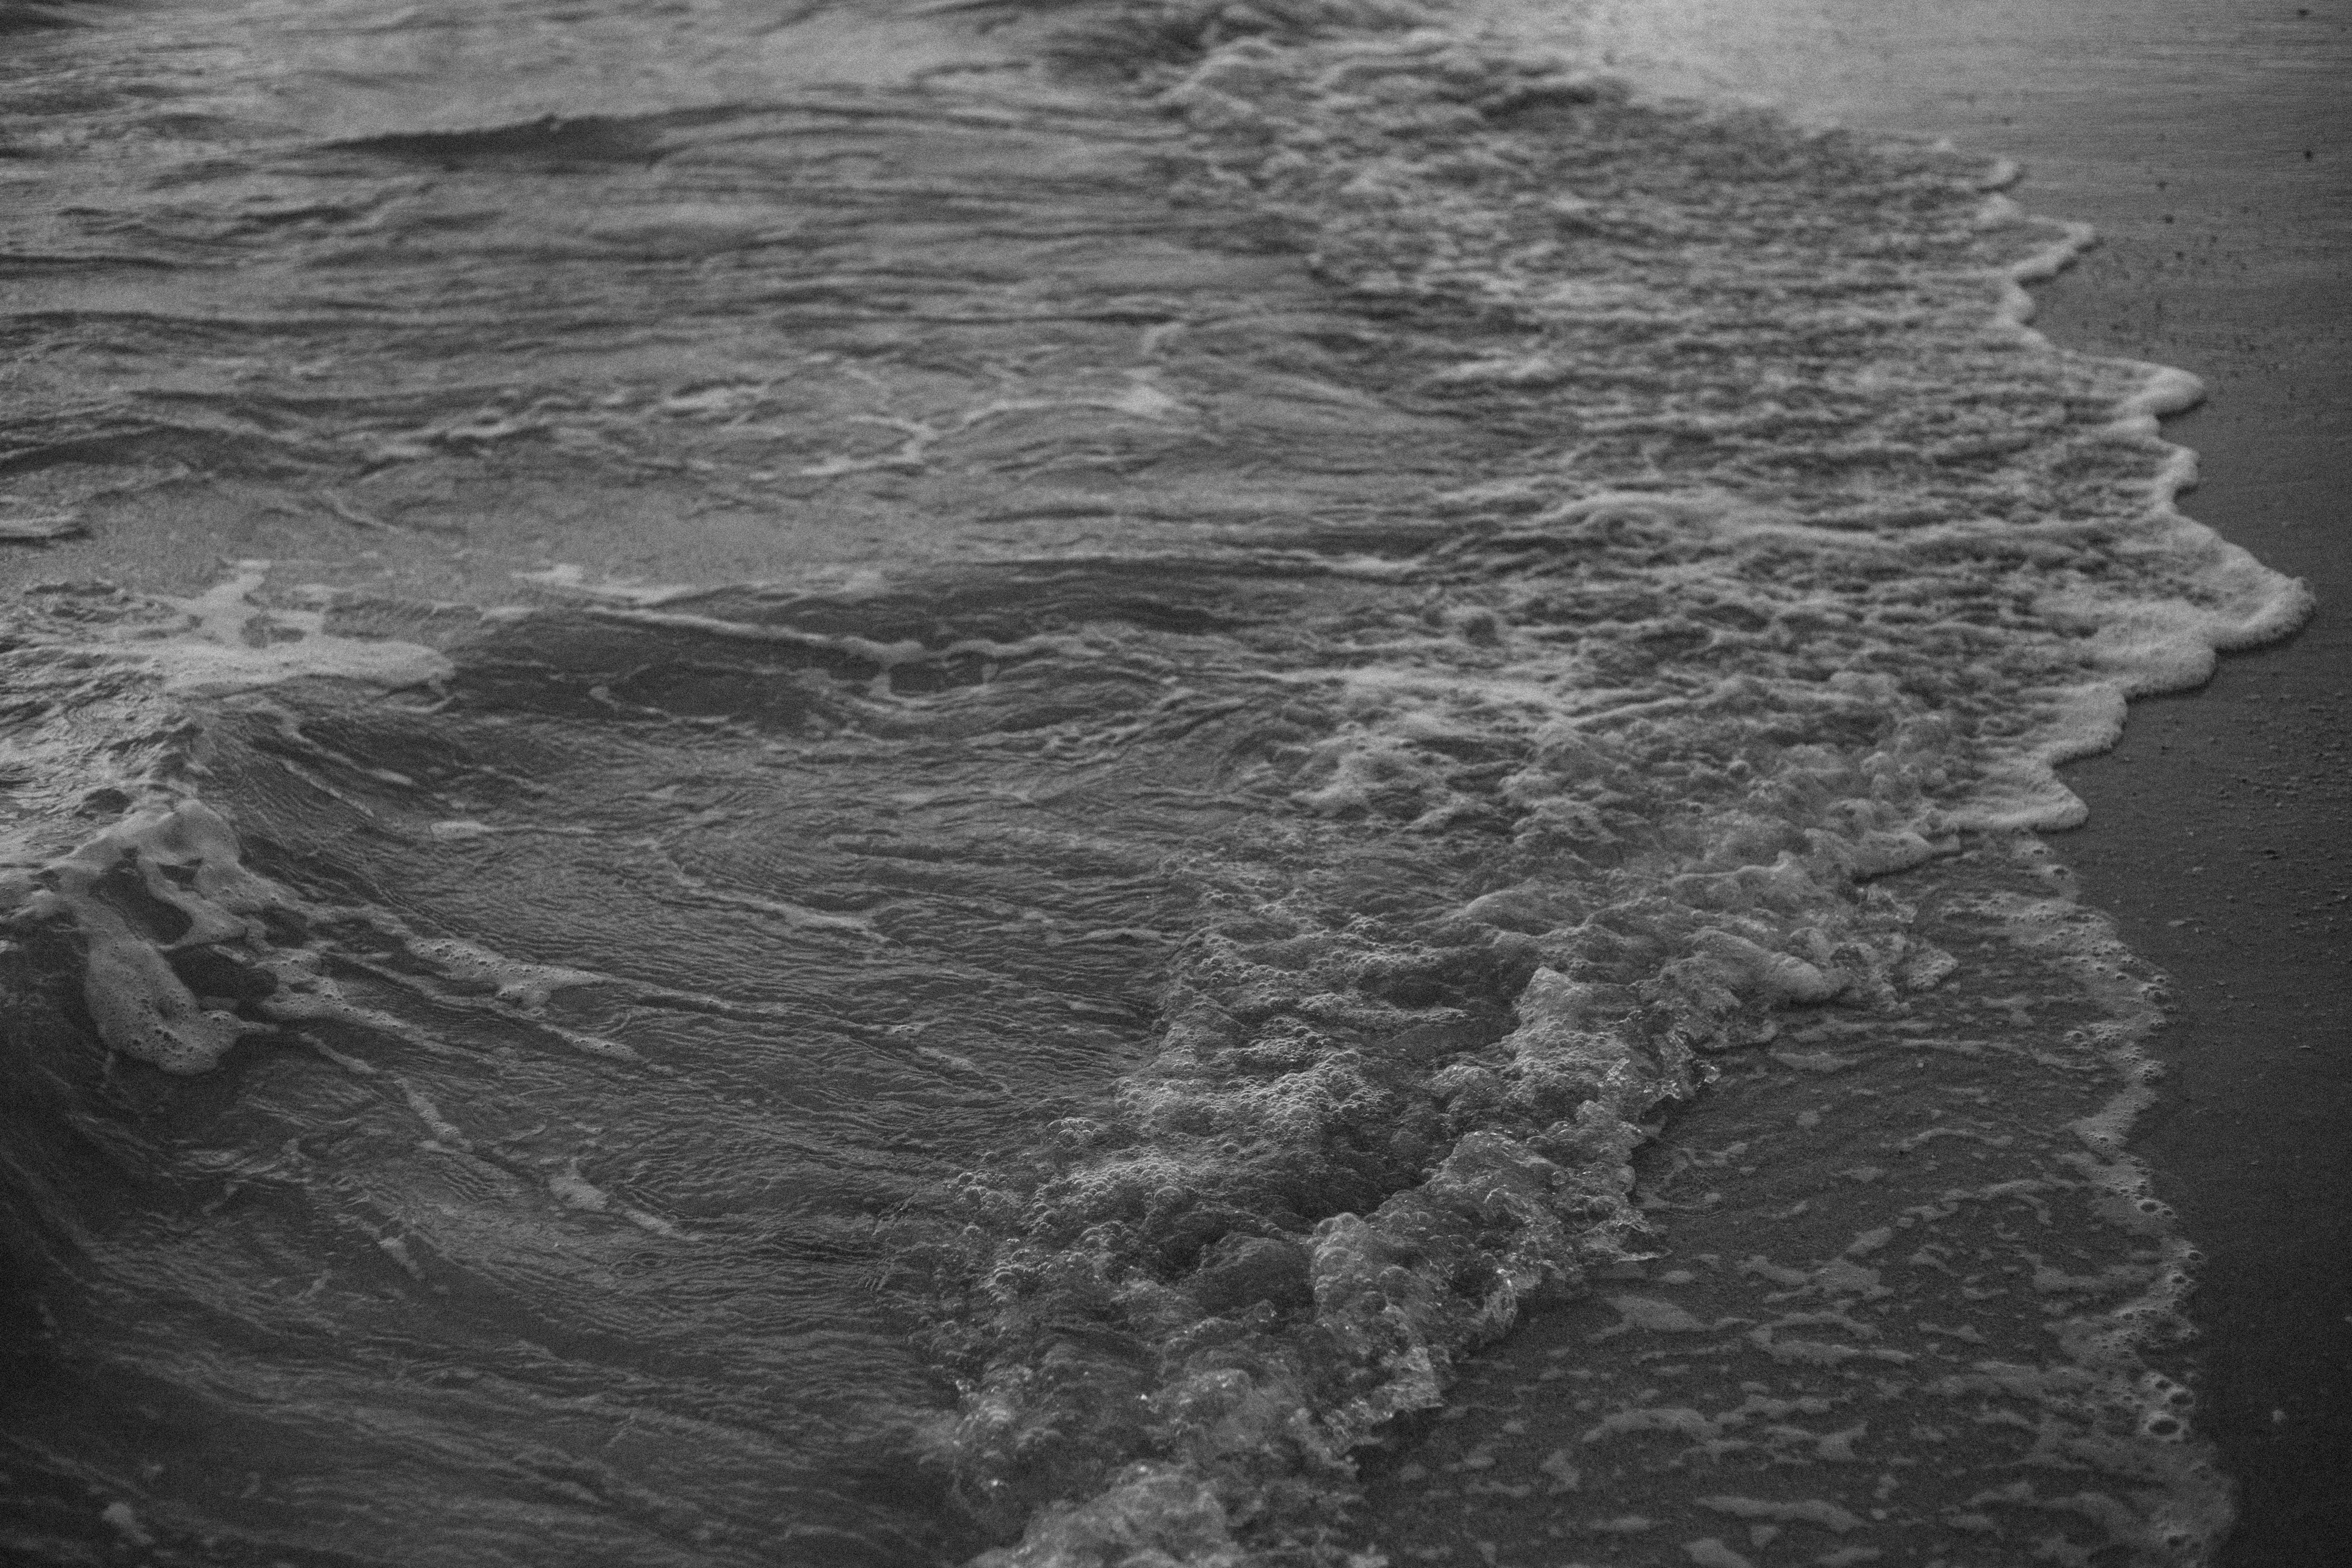 Kostenloses Stock Foto zu bewegung, meer, meeresküste, natur